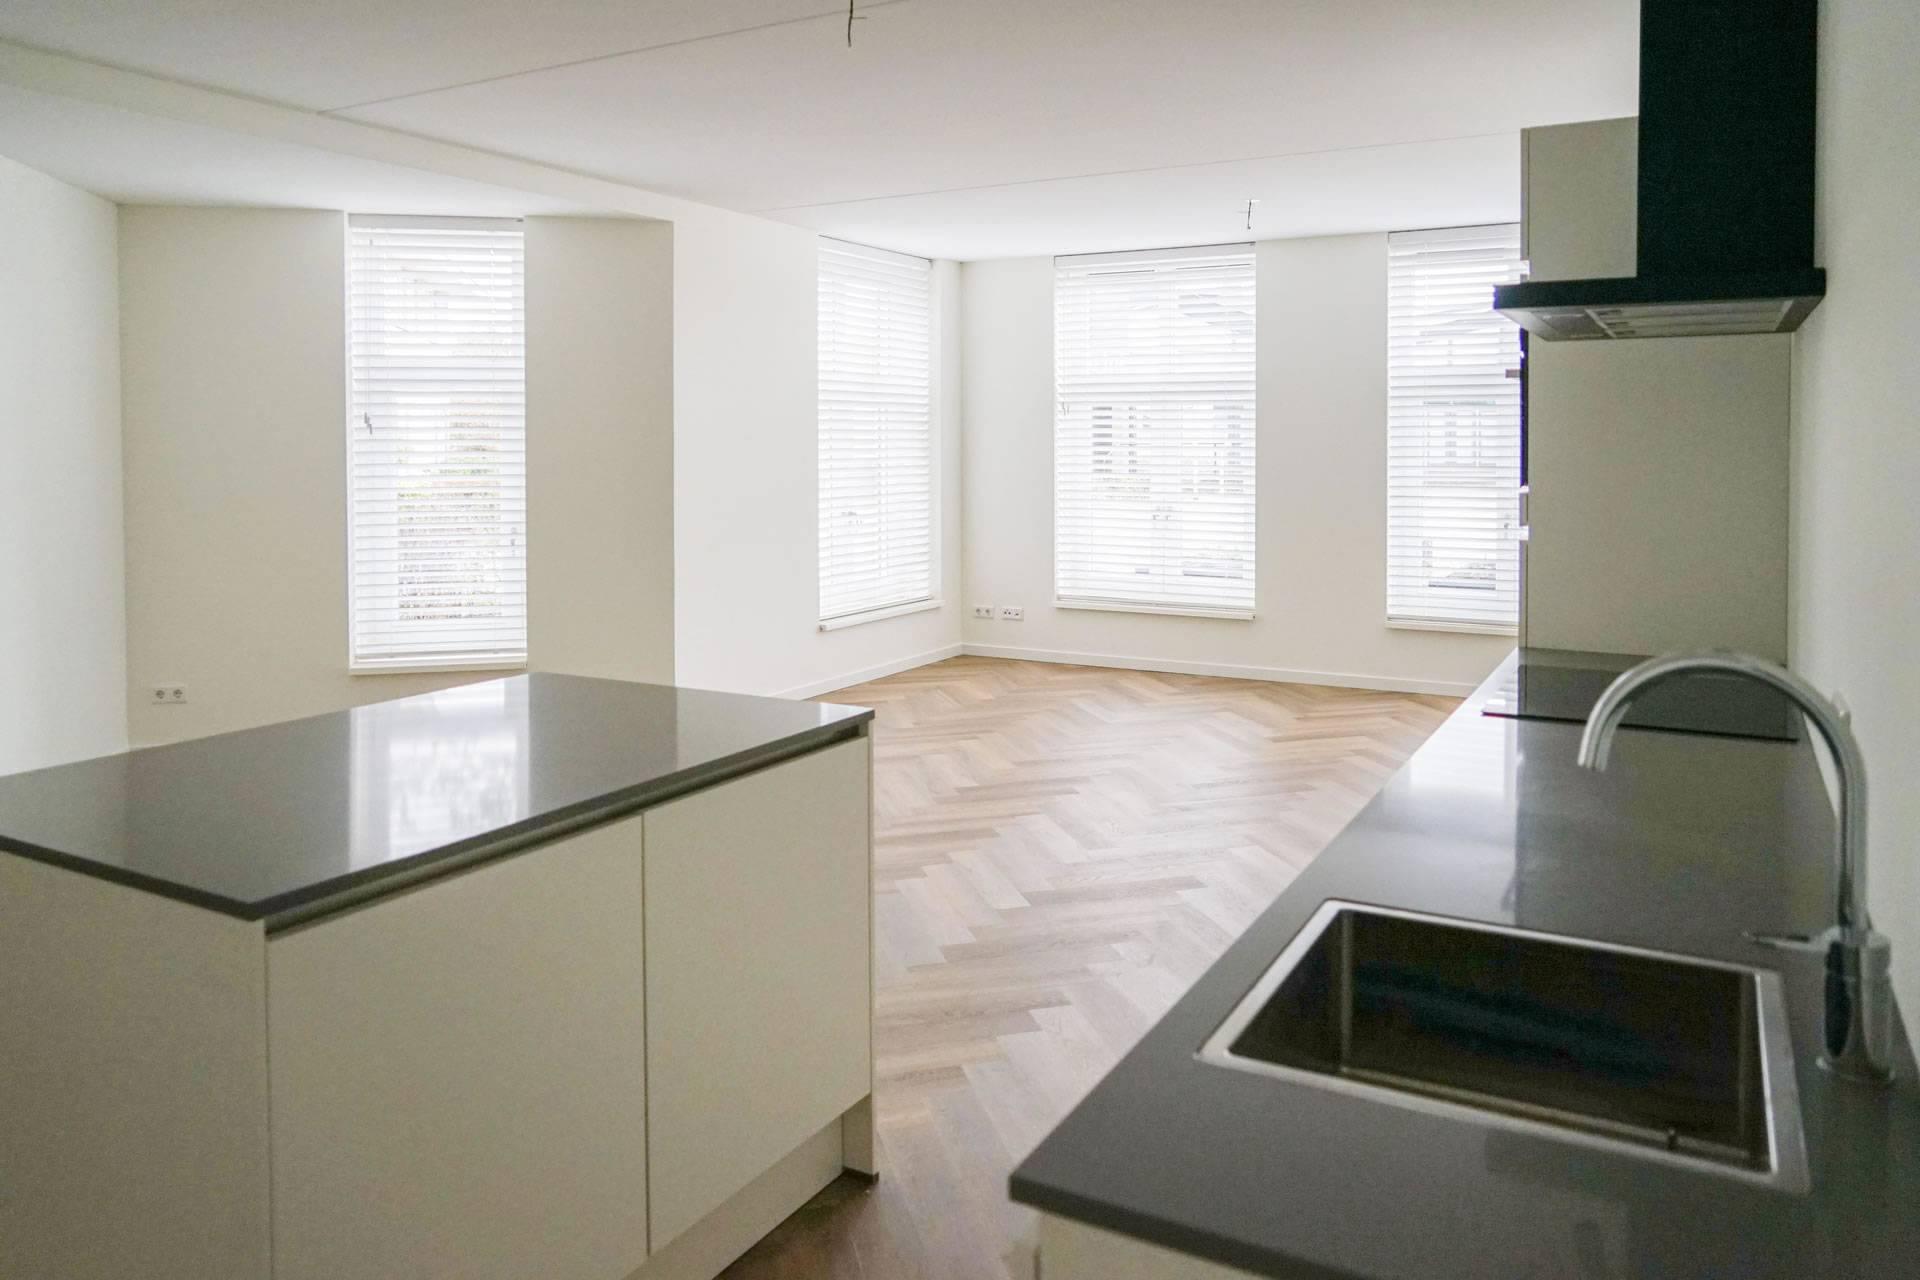 Verouden Bouwbedrijf - 6 luxe nieuwbouw appartementen - 44 - DSC05241